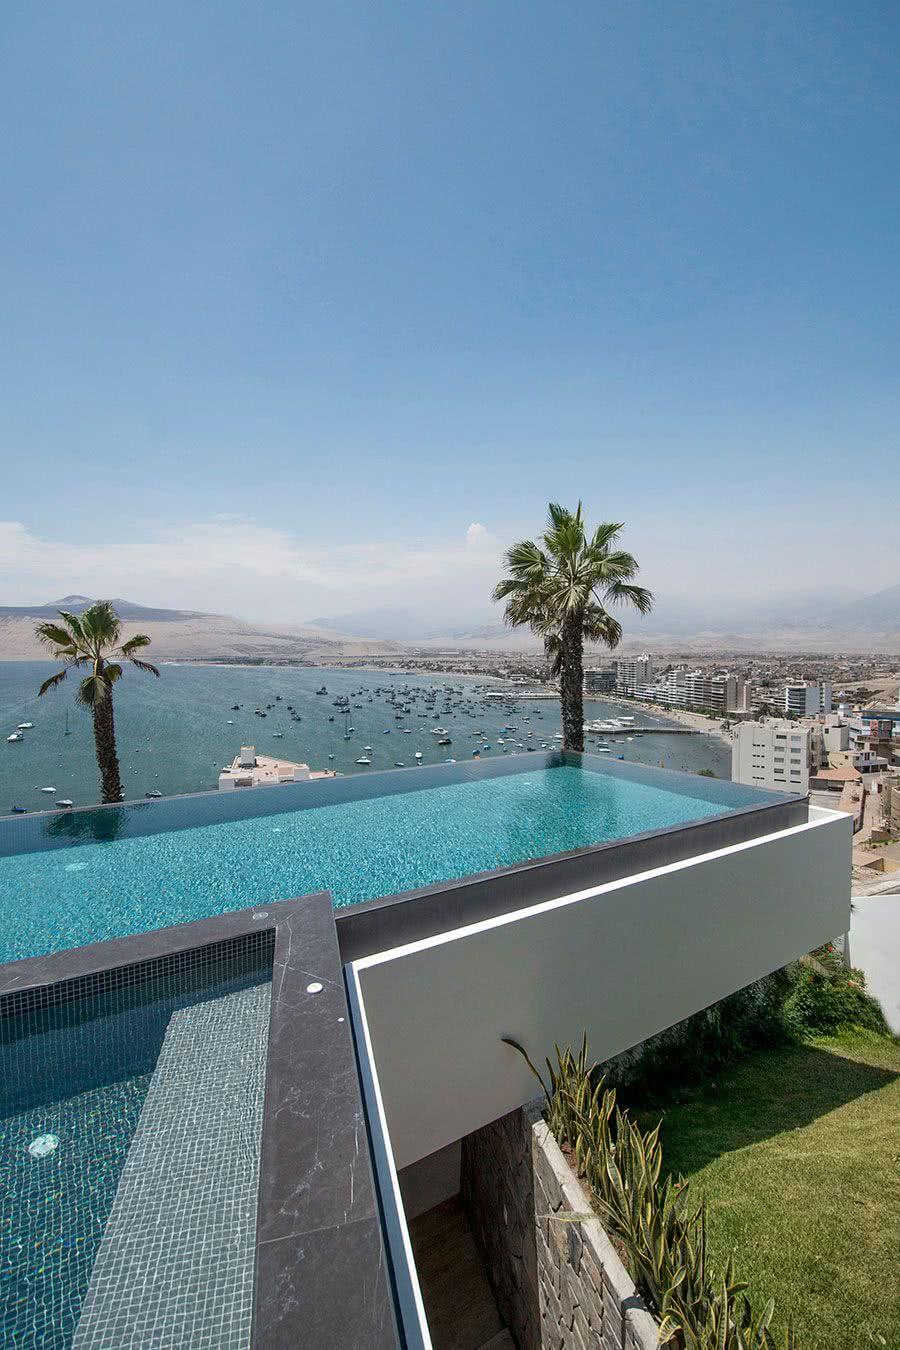 A impressão de que a piscina está em balanço garante um visual melhor da paisagem